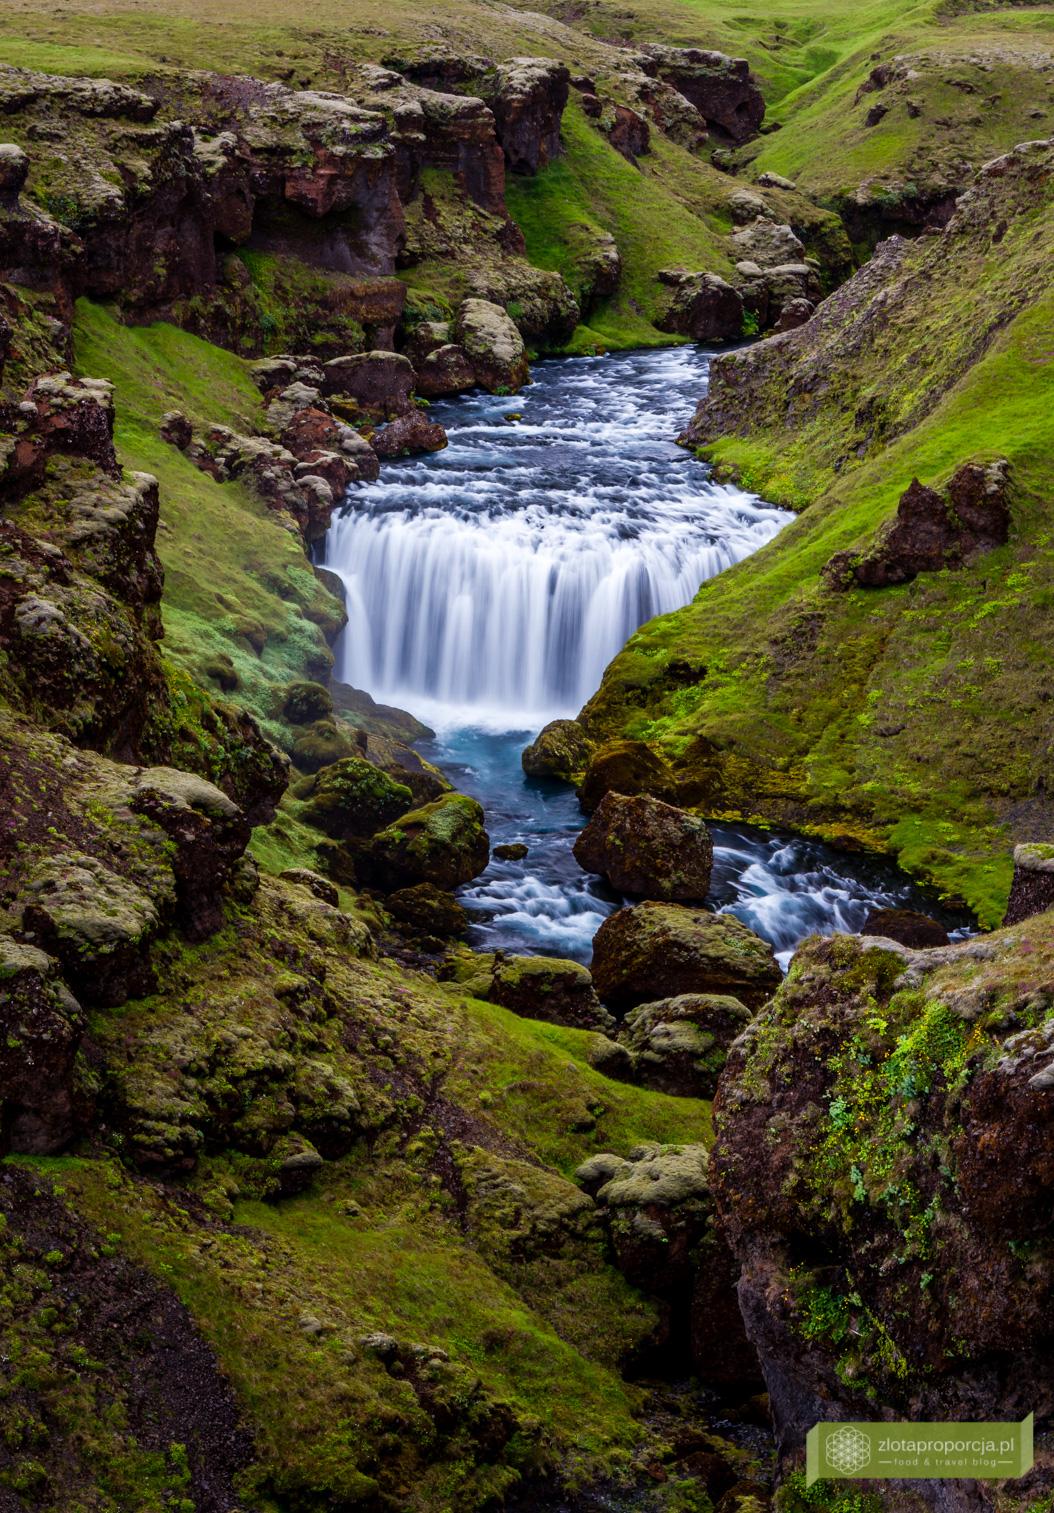 wodospad Skogafoss, Skogafoss, Porsmork, Południowo-zachodnia Islandia, Islandia, Islandia atrakcje, wodospady na Islandii, Islandia ciekawe miejsca